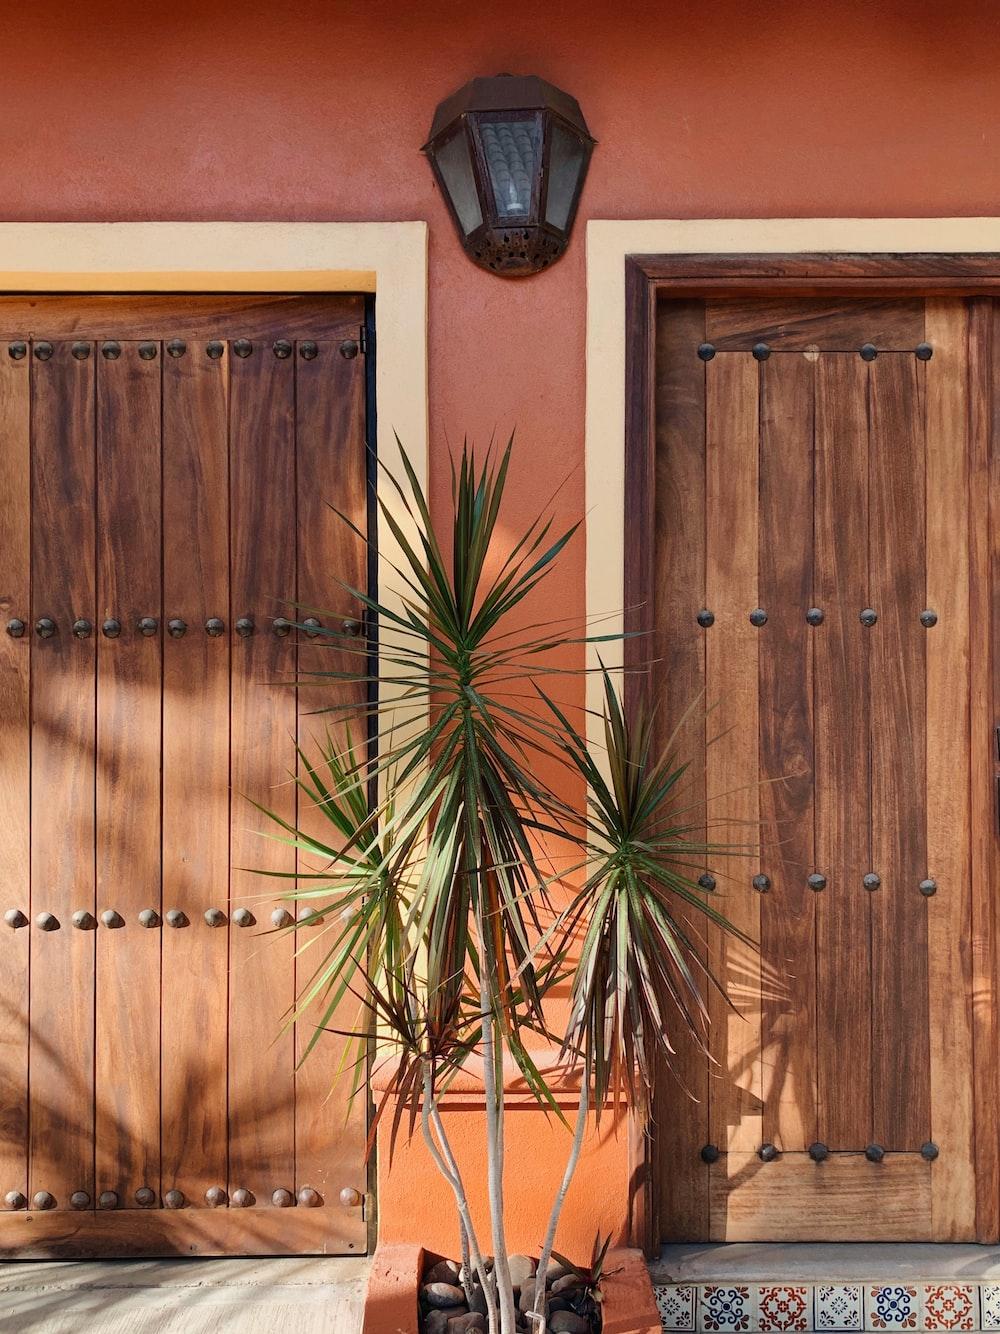 green plant near brown wooden door